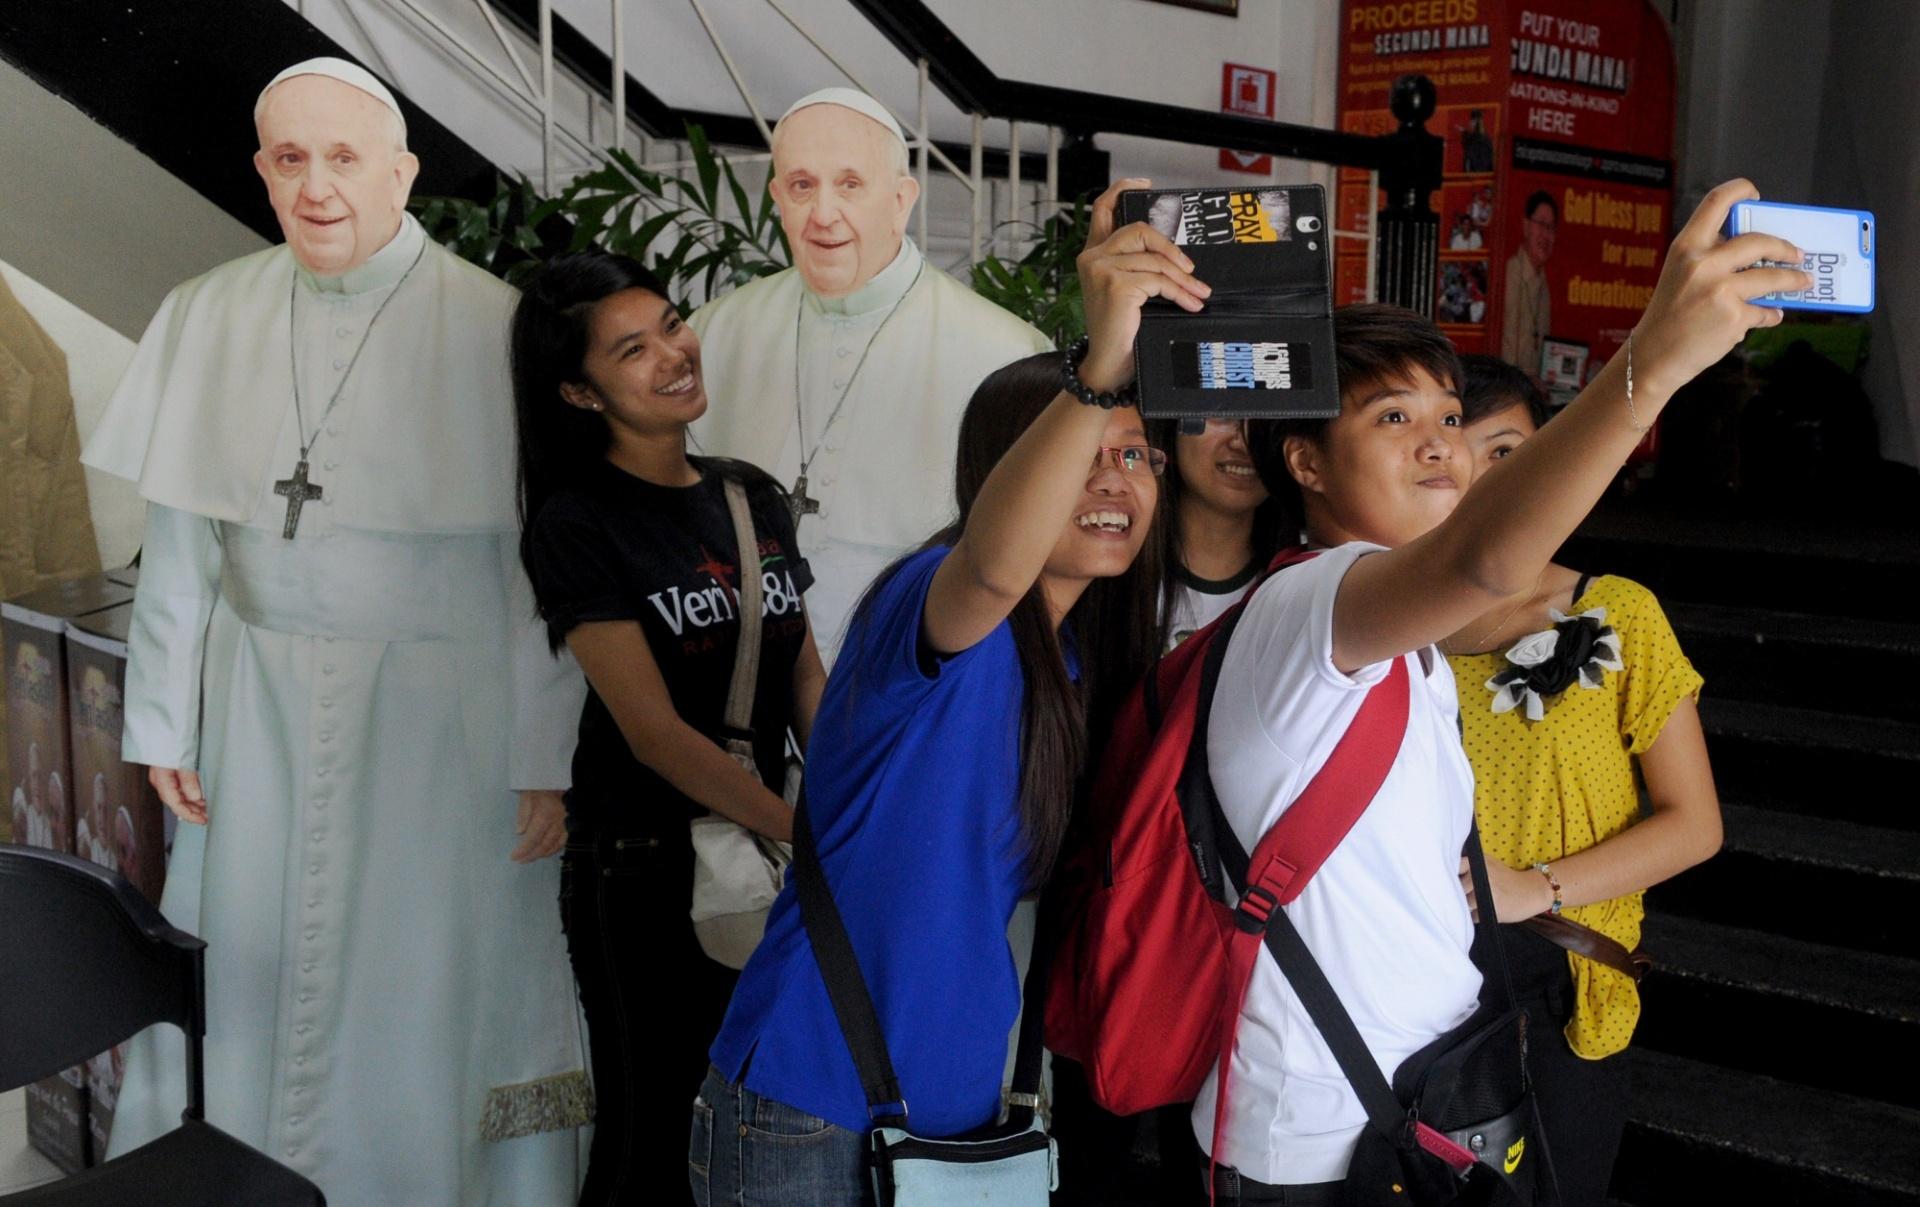 12.set.2014 - Garotas filipinas tiram selfies à frente de fotografias de papelão do papa Francisco, em uma estação de rádio católica no subúrbio de Manila. O papa vai visitar as Filipinas, um reduto católico da Ásia, em janeiro de 2015